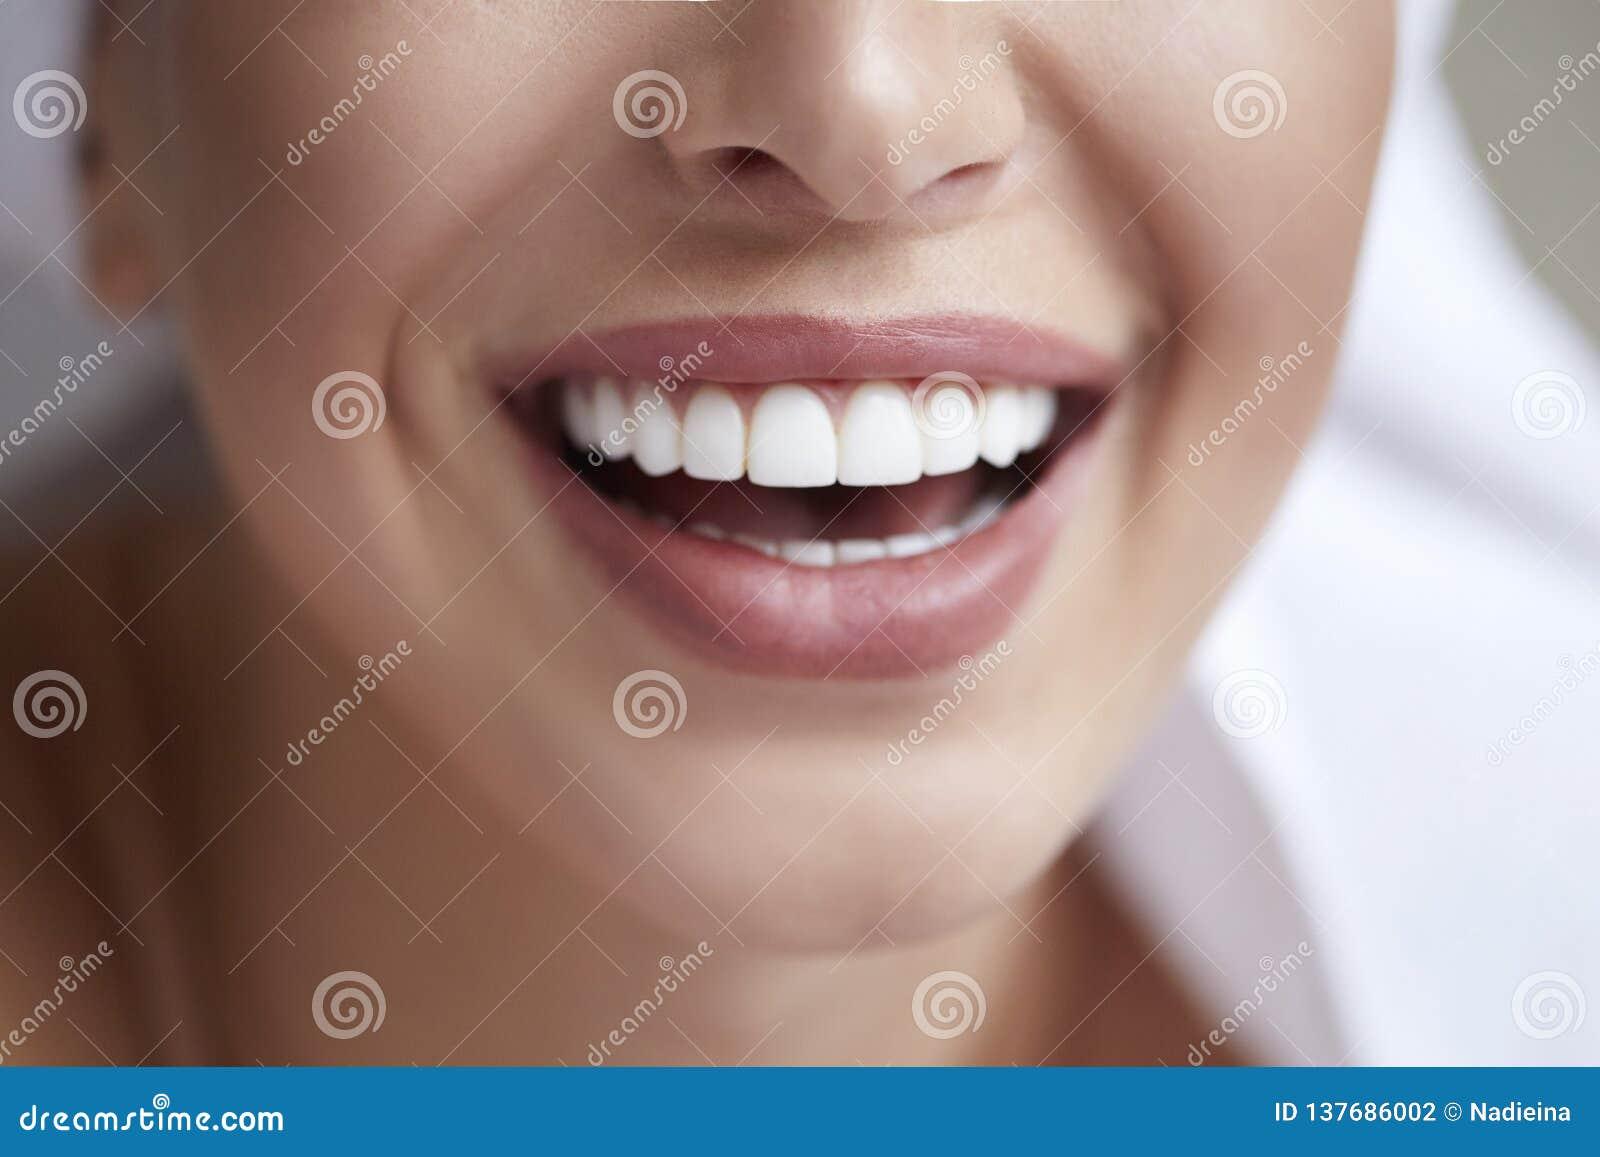 Здоровый белый конец улыбки вверх Женщина красоты с идеальной улыбкой, губами и зубами кожа красивейшей девушки совершенная зубы